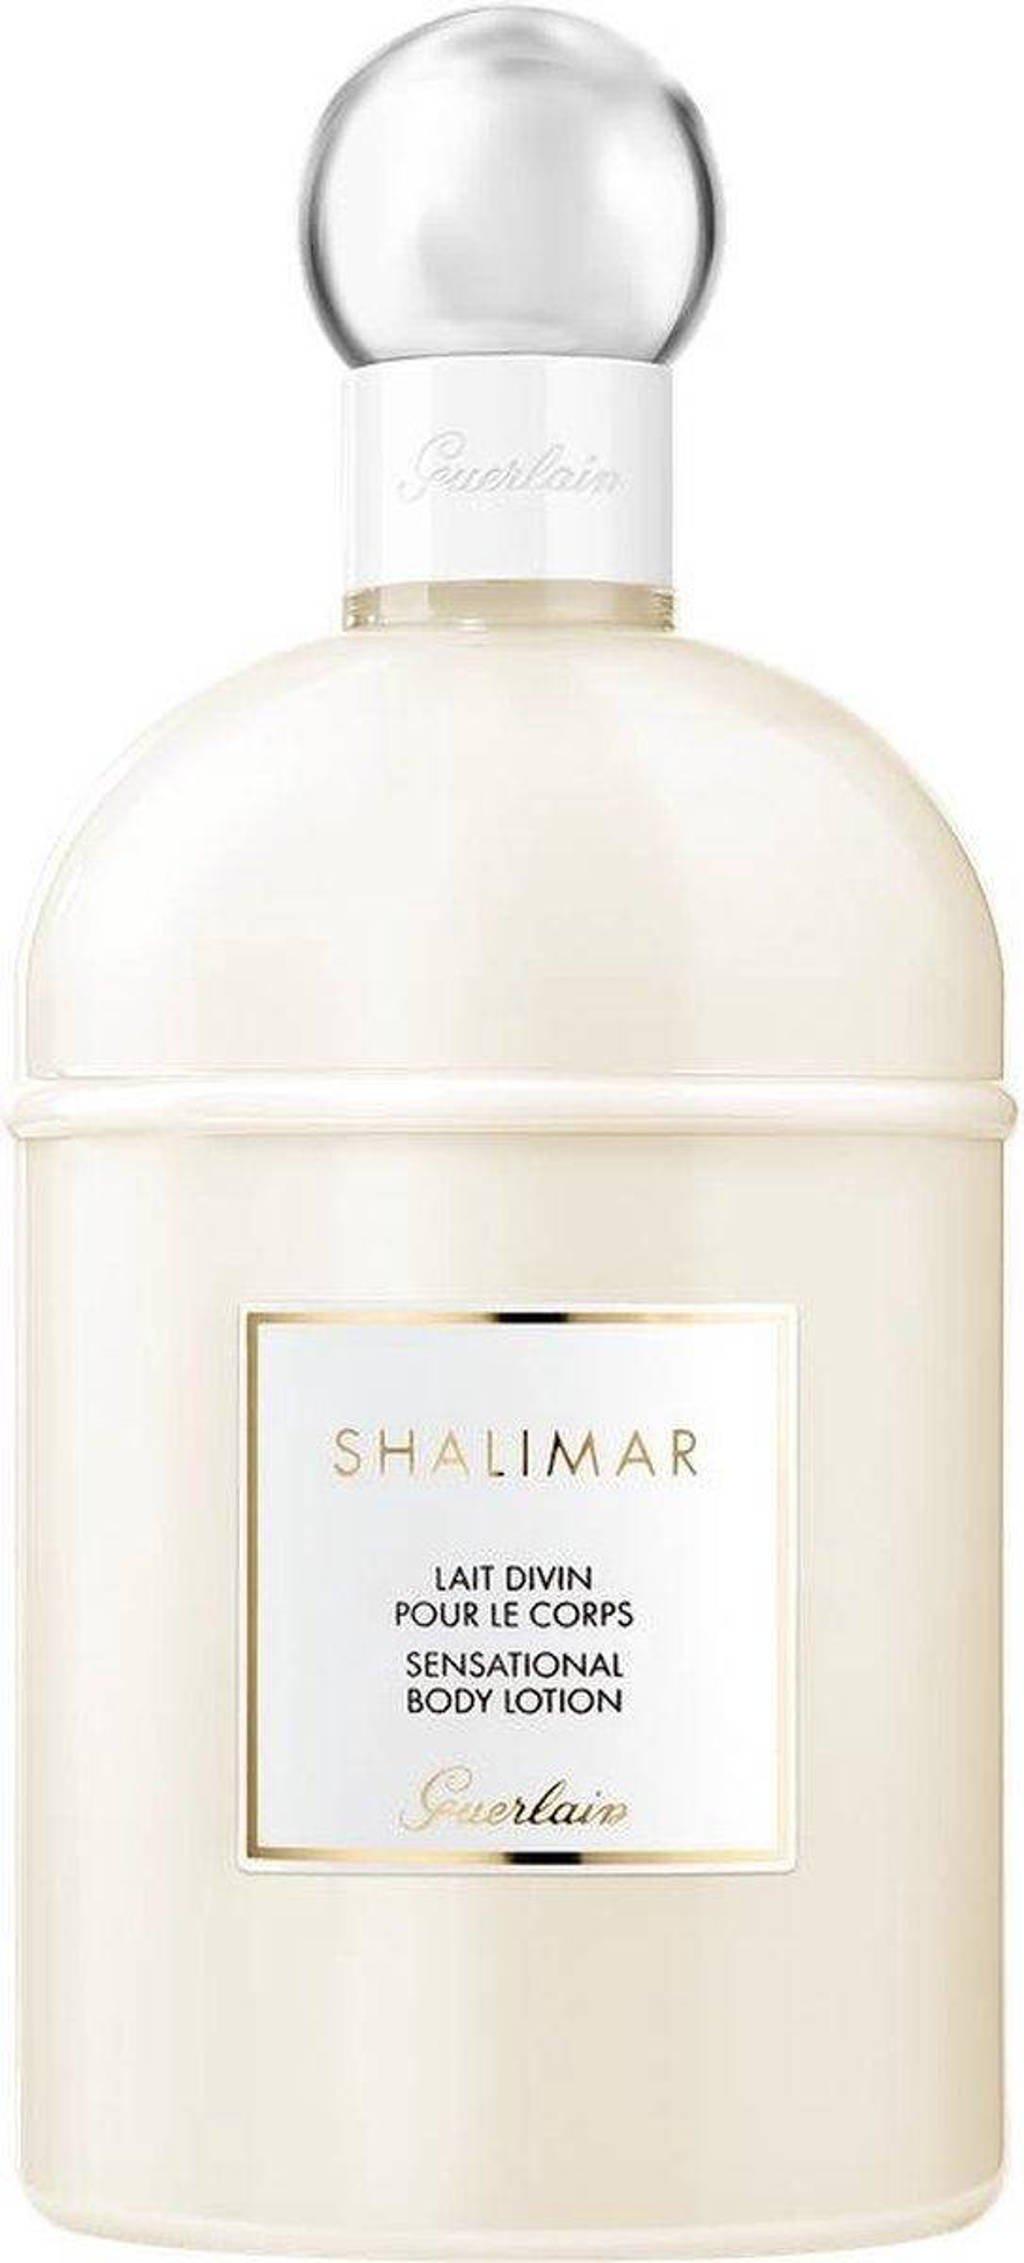 Guerlain Shalimar bodylotion - 200 ml